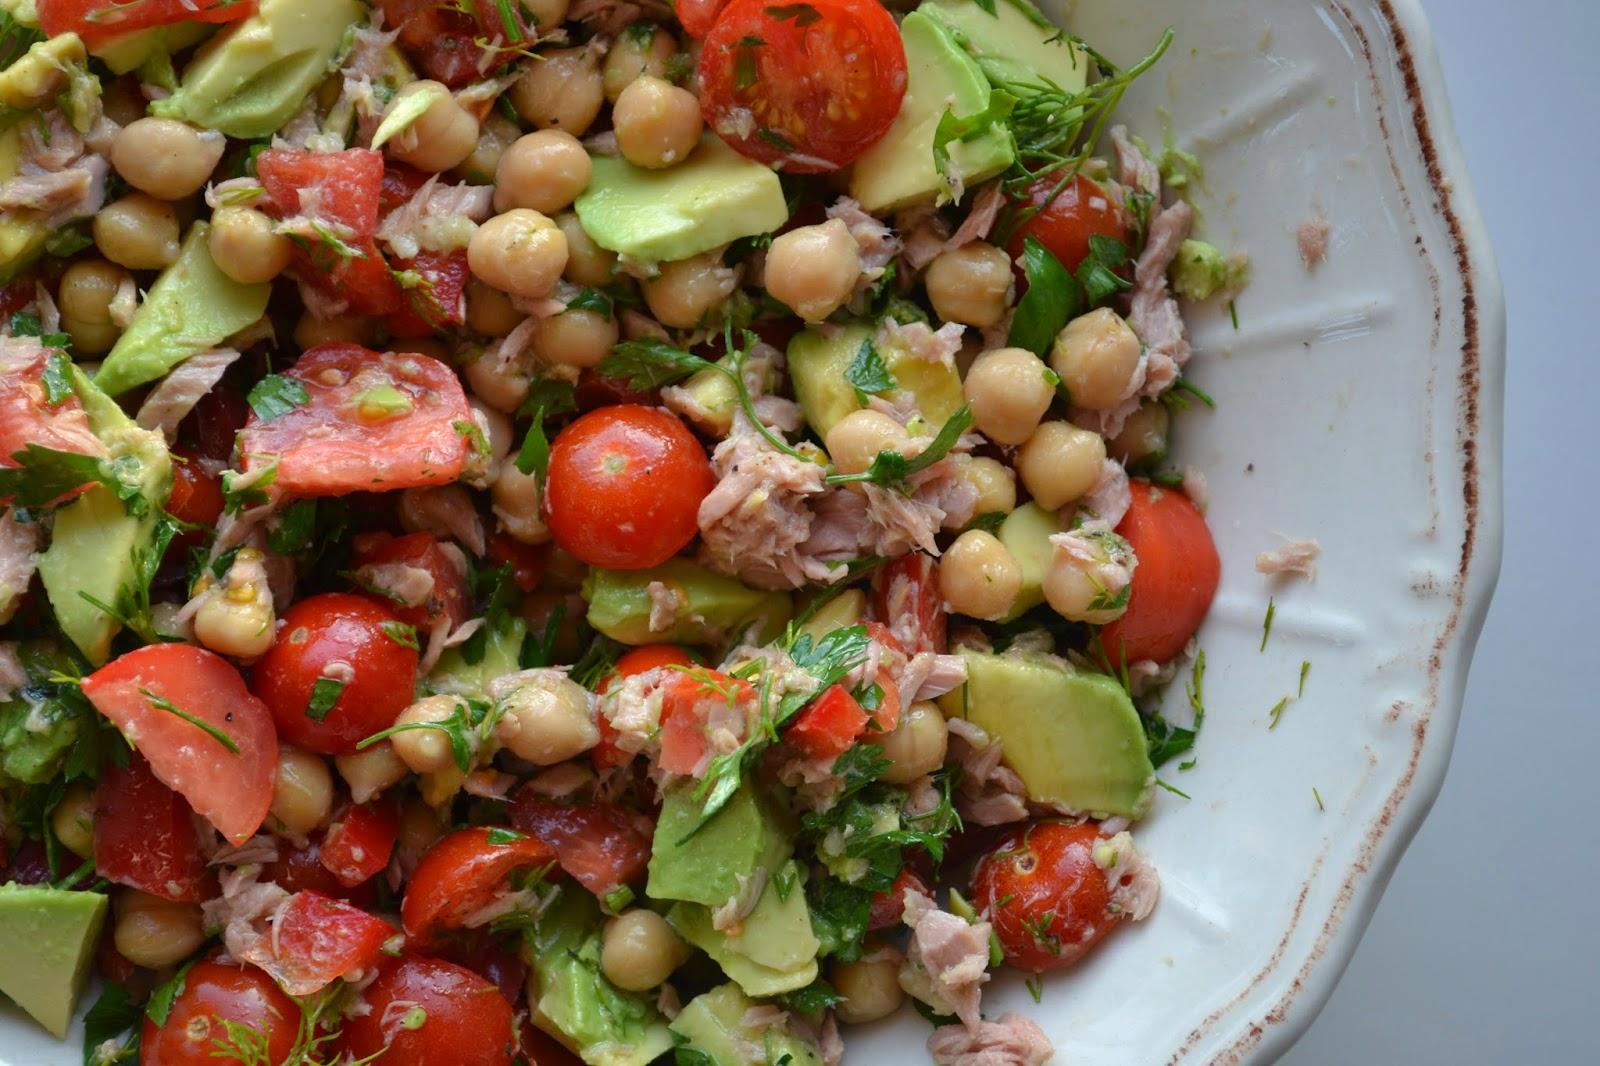 Top Eet lekker: Kikkererwtensalade met tonijn, tomaat en avocado #JZ49